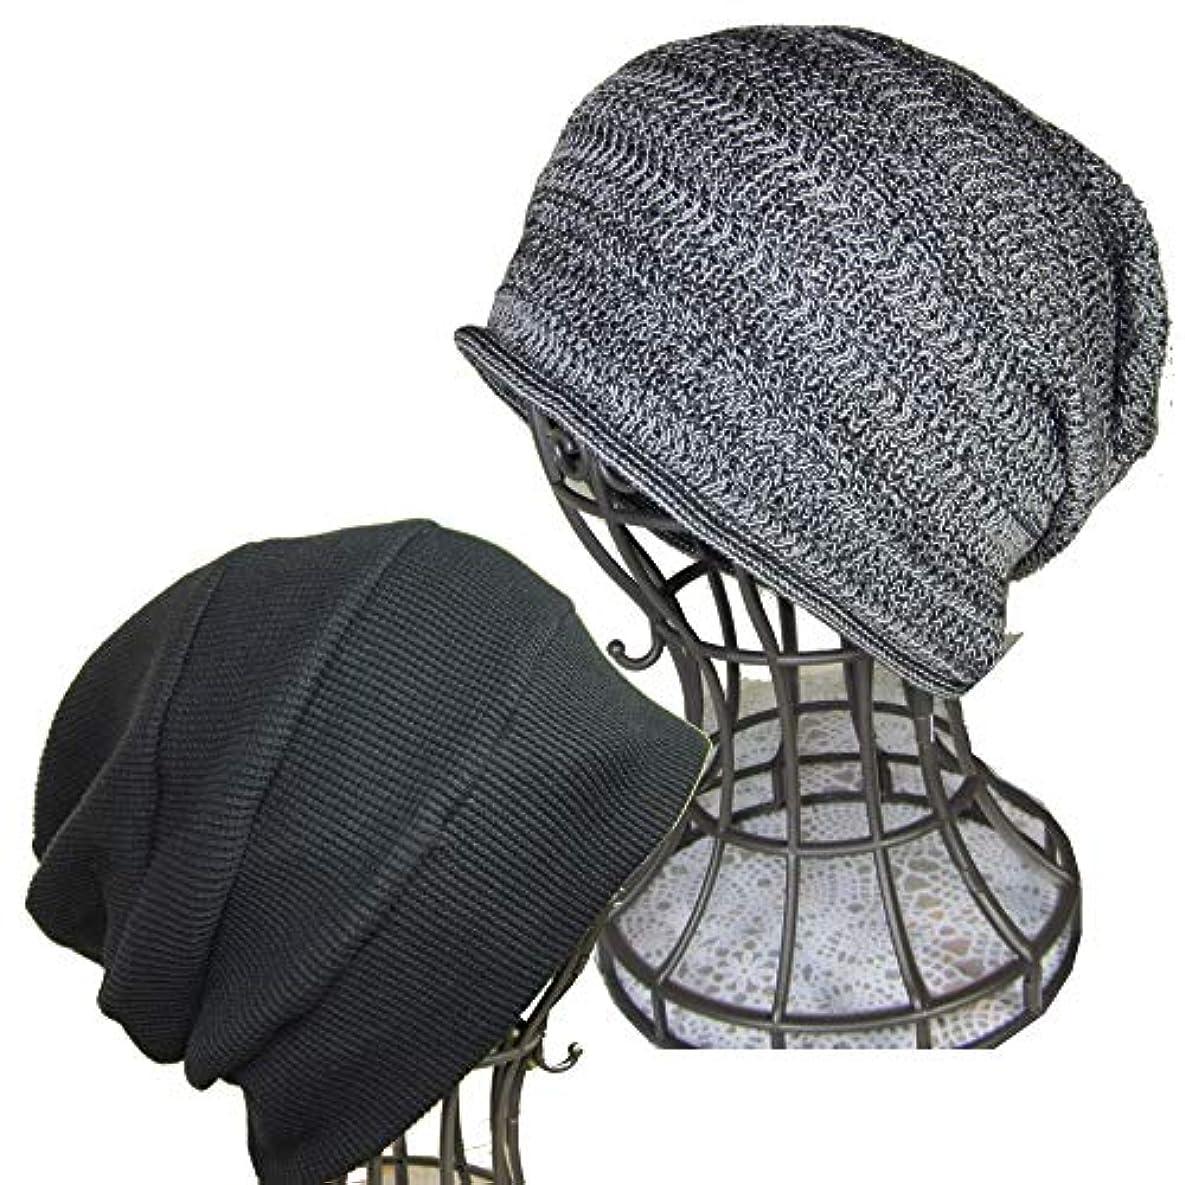 マラソン燃料グラフィック抗がん剤帽子/医療用帽子/段々ワッチブラック?ドラロンコットンワッチブラック杢2枚セット医療帽子 プレジール